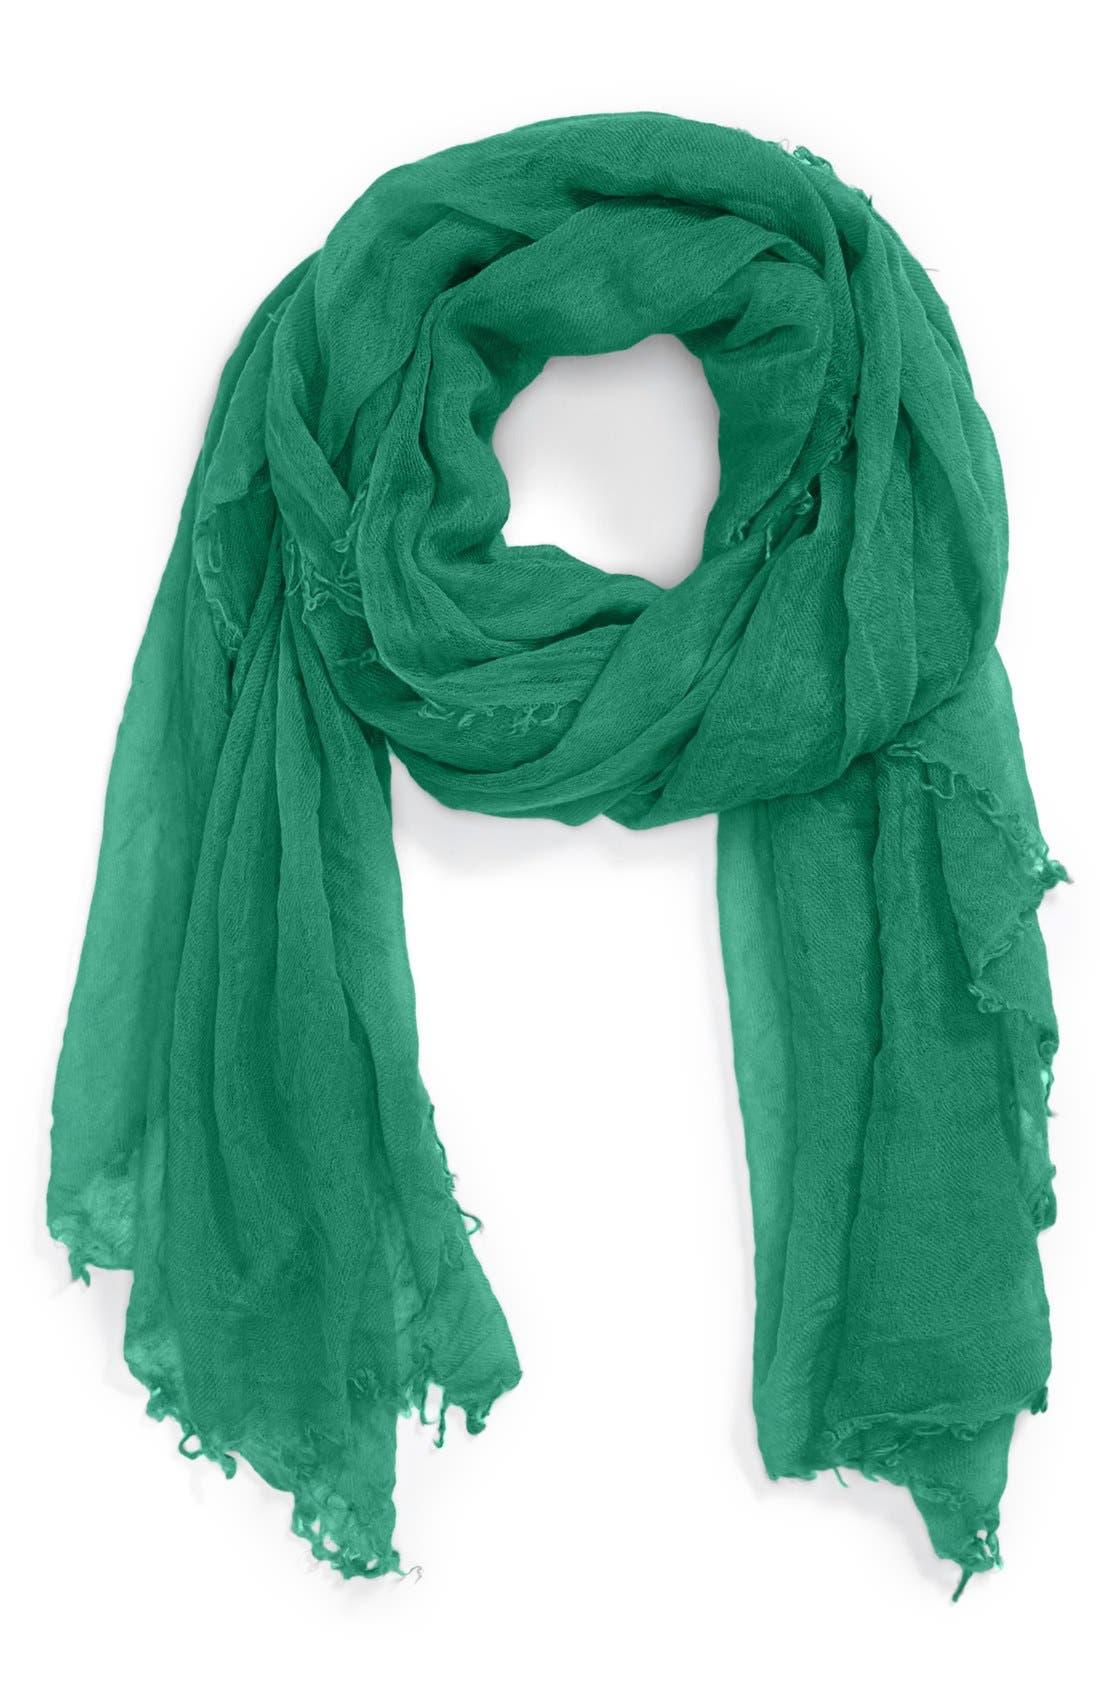 Alternate Image 1 Selected - Halogen® Crinkled Cashmere Wrap